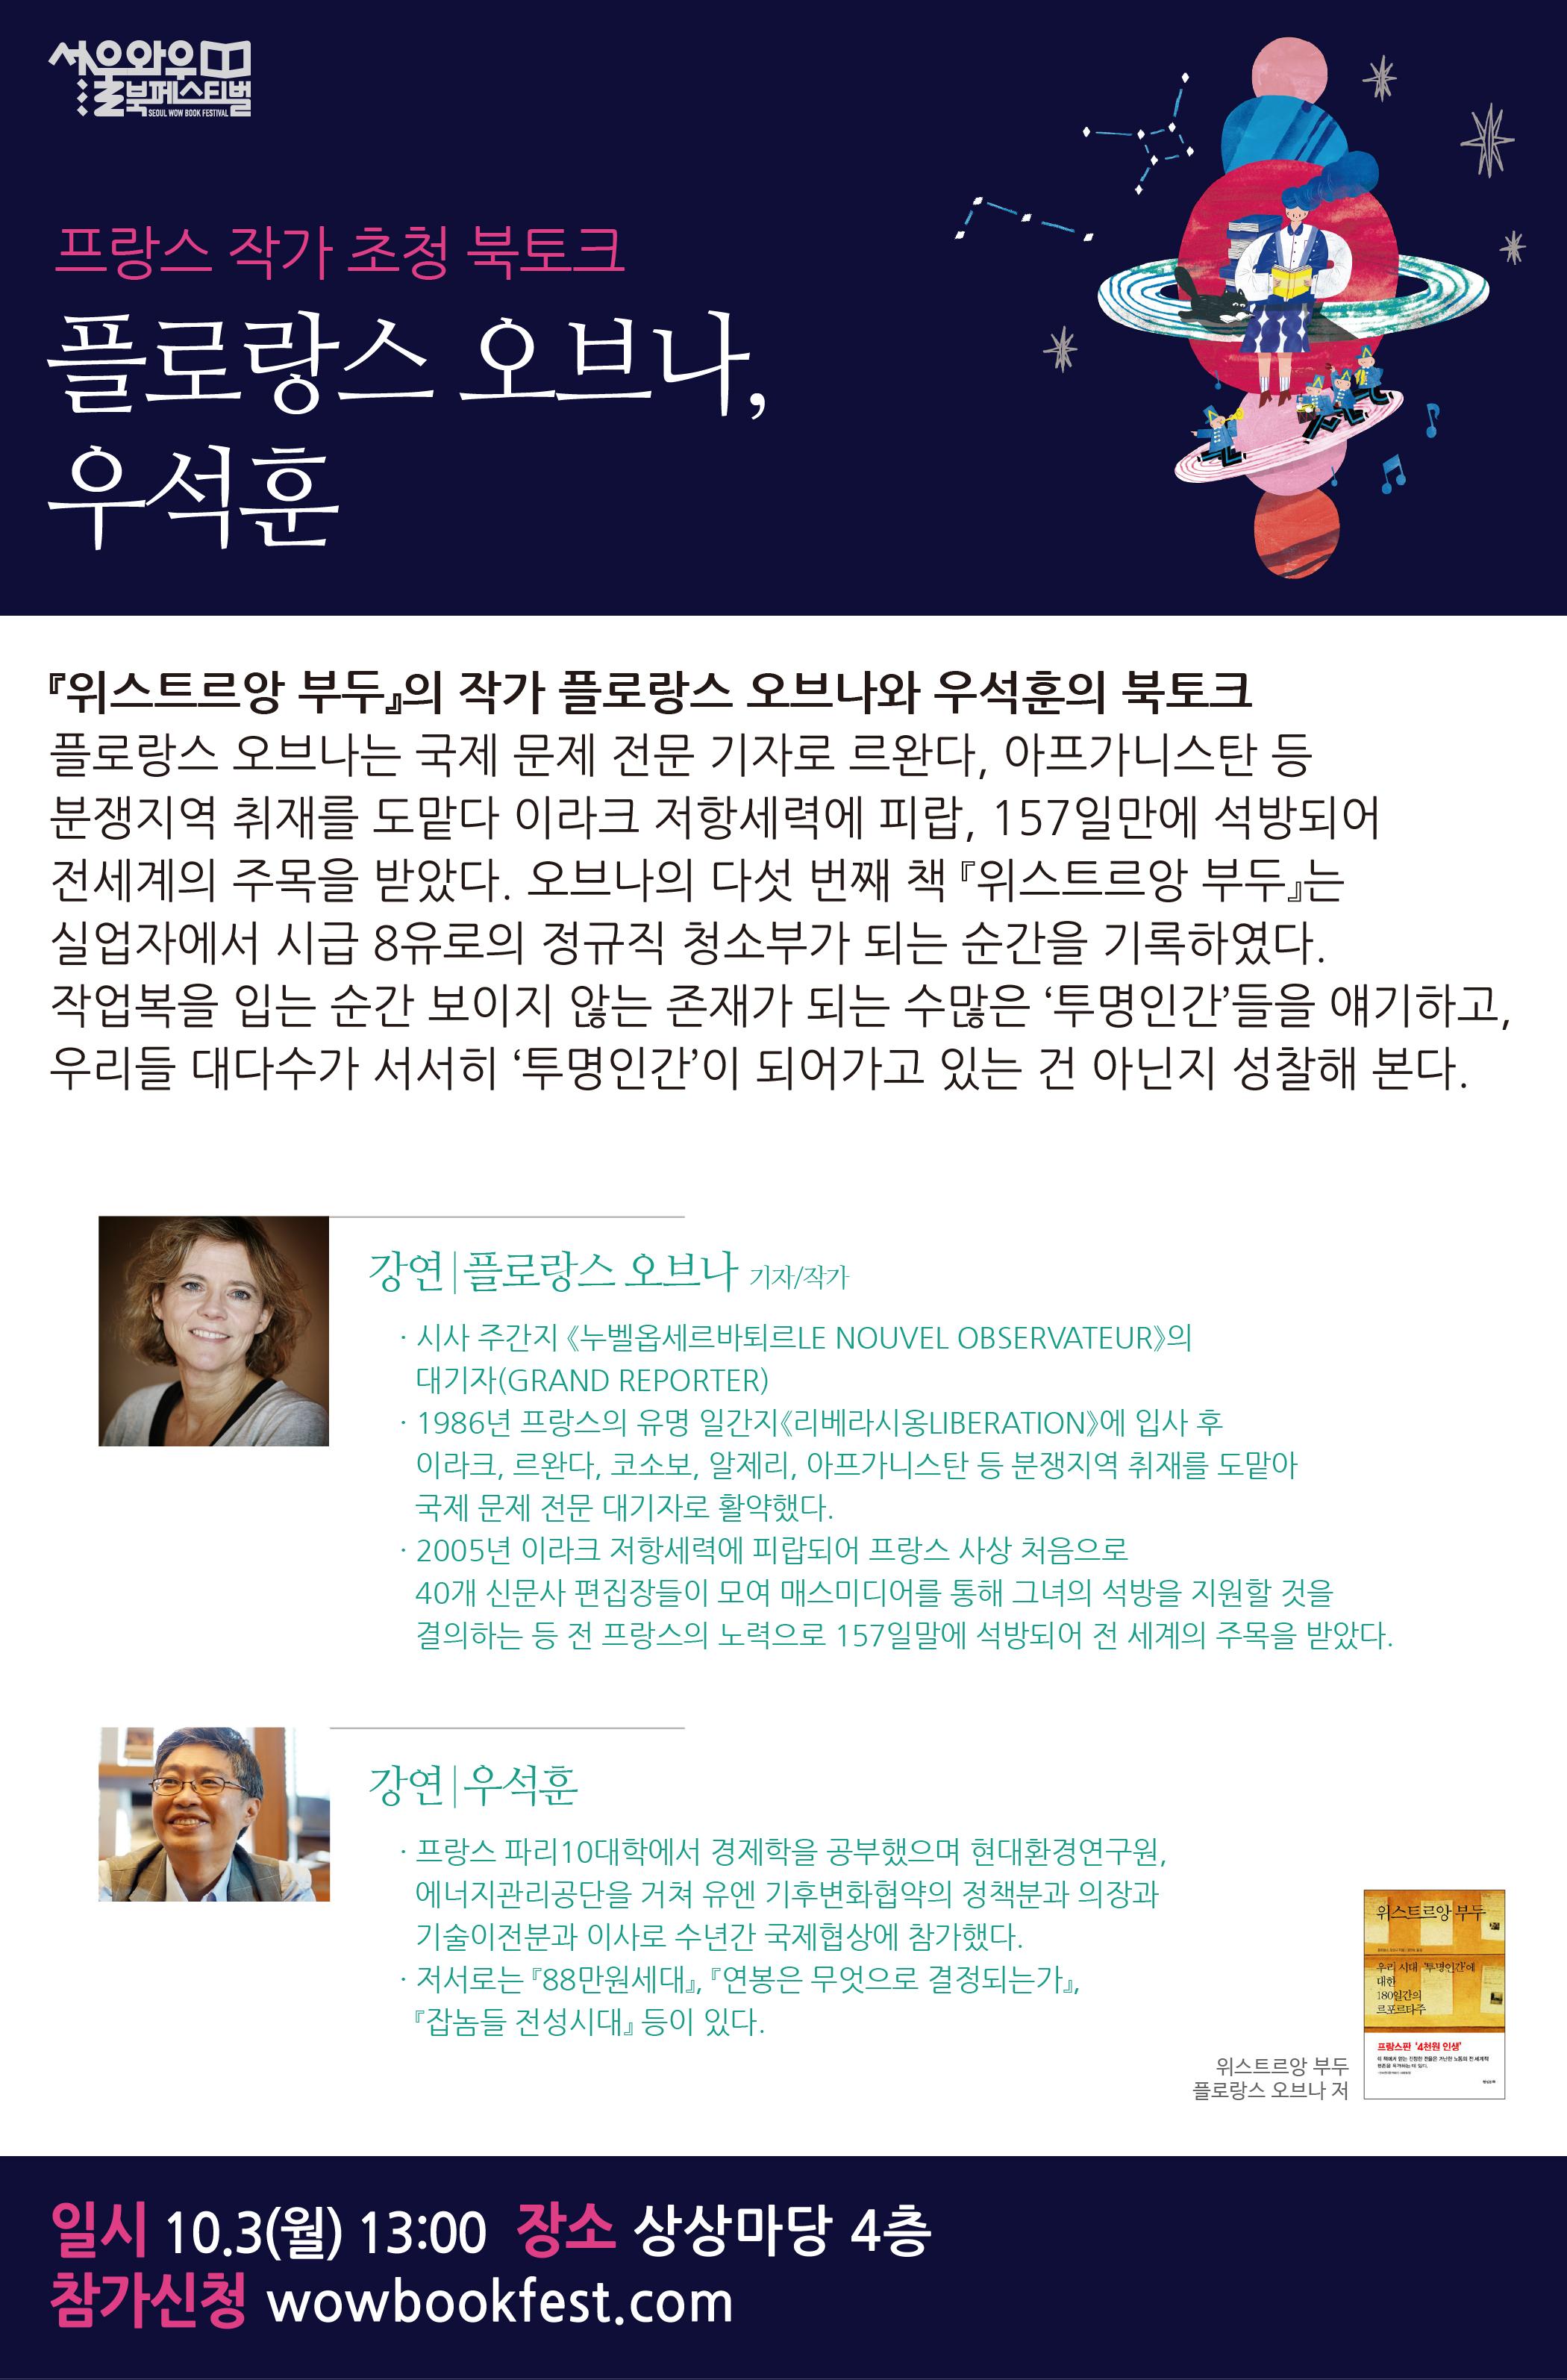 수정-40-프랑스작가-초청공연.jpg